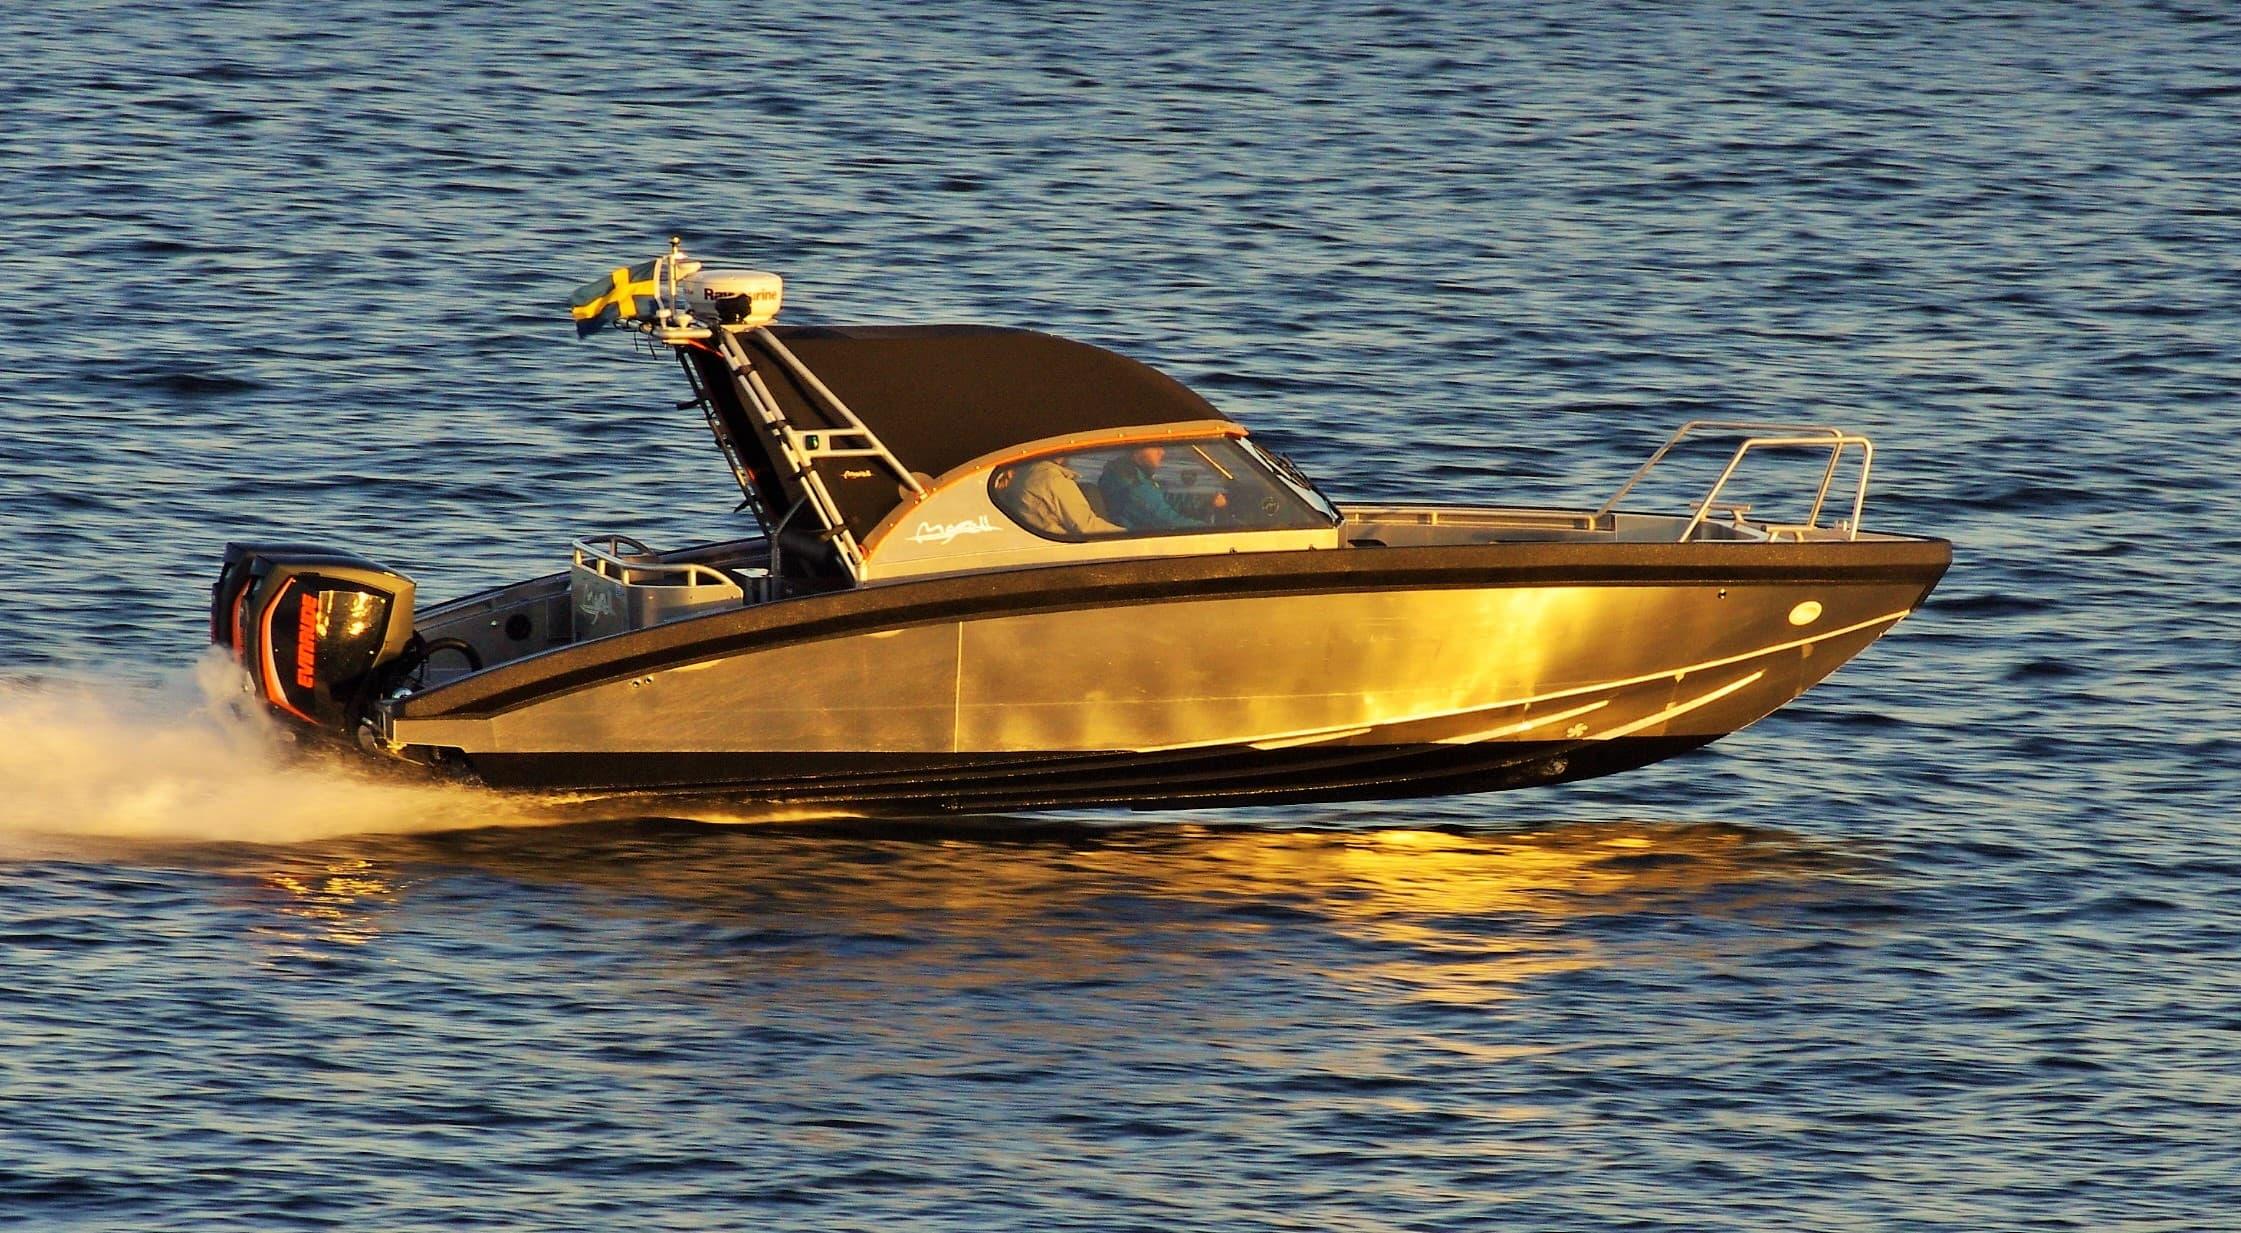 boat moving at 2016